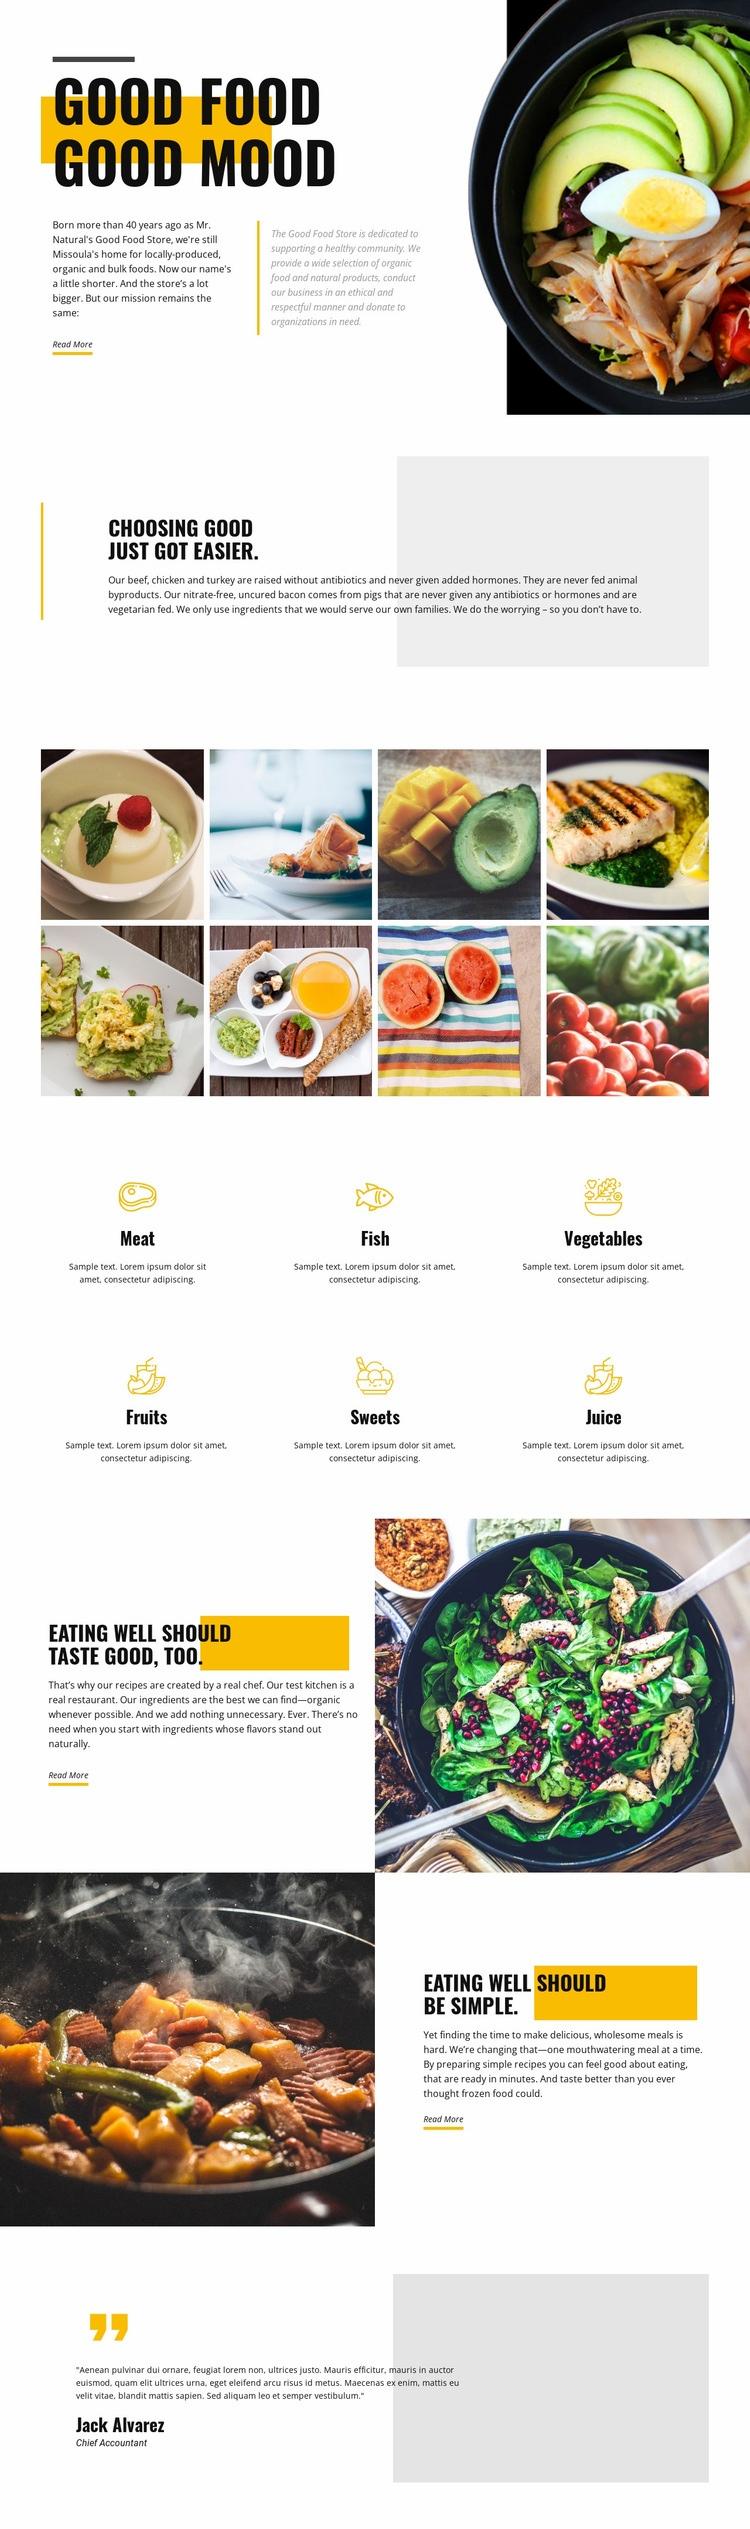 Good mood good food Html Code Example